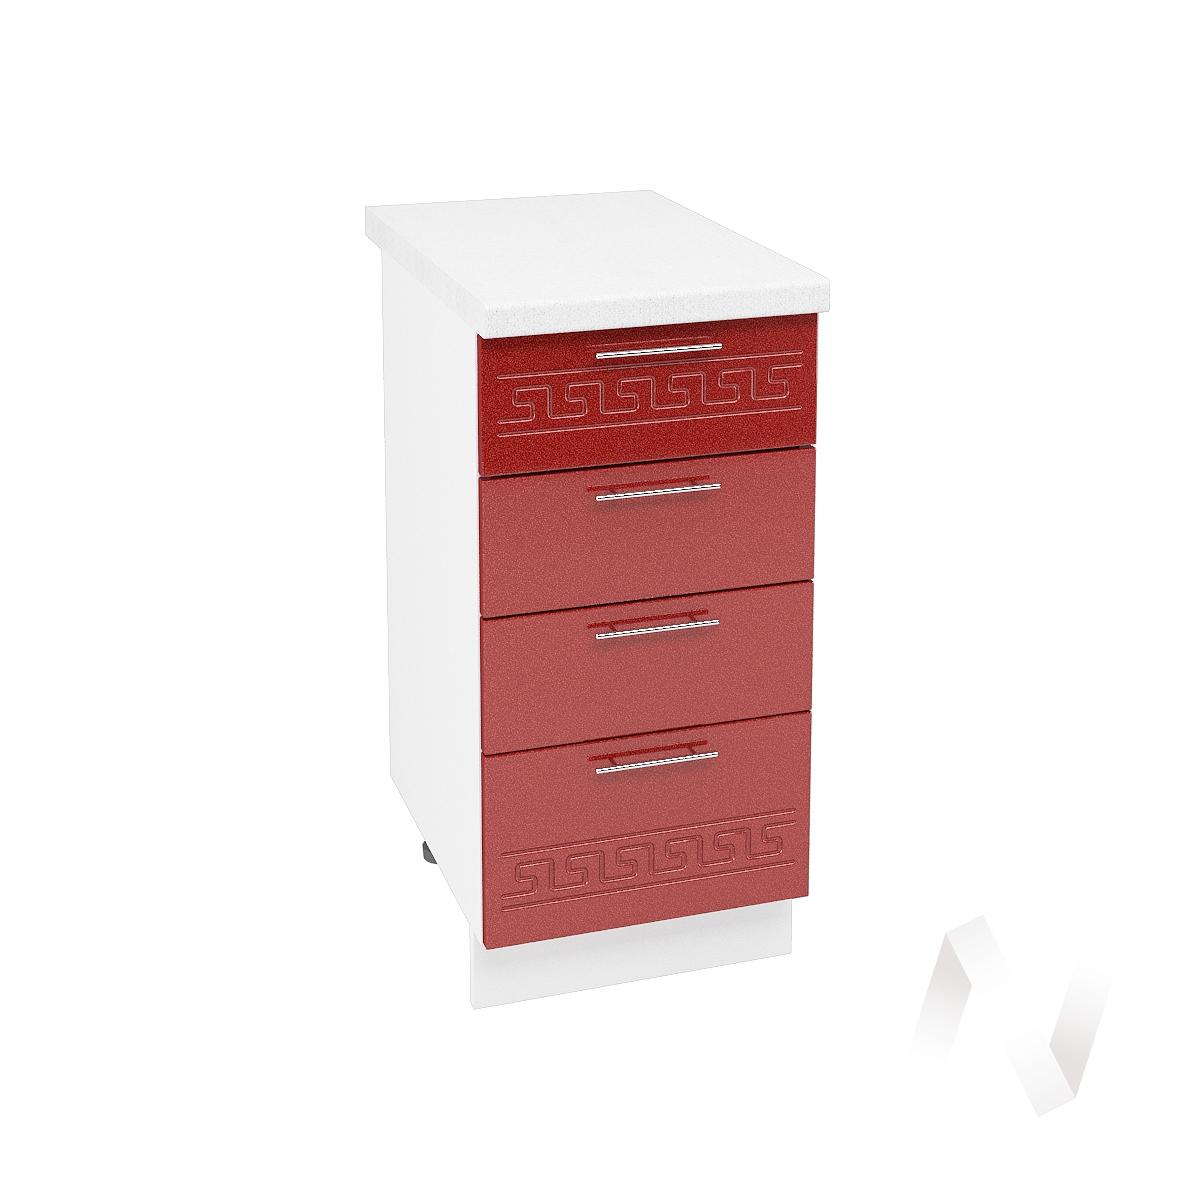 """Кухня """"Греция"""": Шкаф нижний с 4-мя ящиками 400, ШН4Я 400 (гранатовый металлик/корпус белый)"""